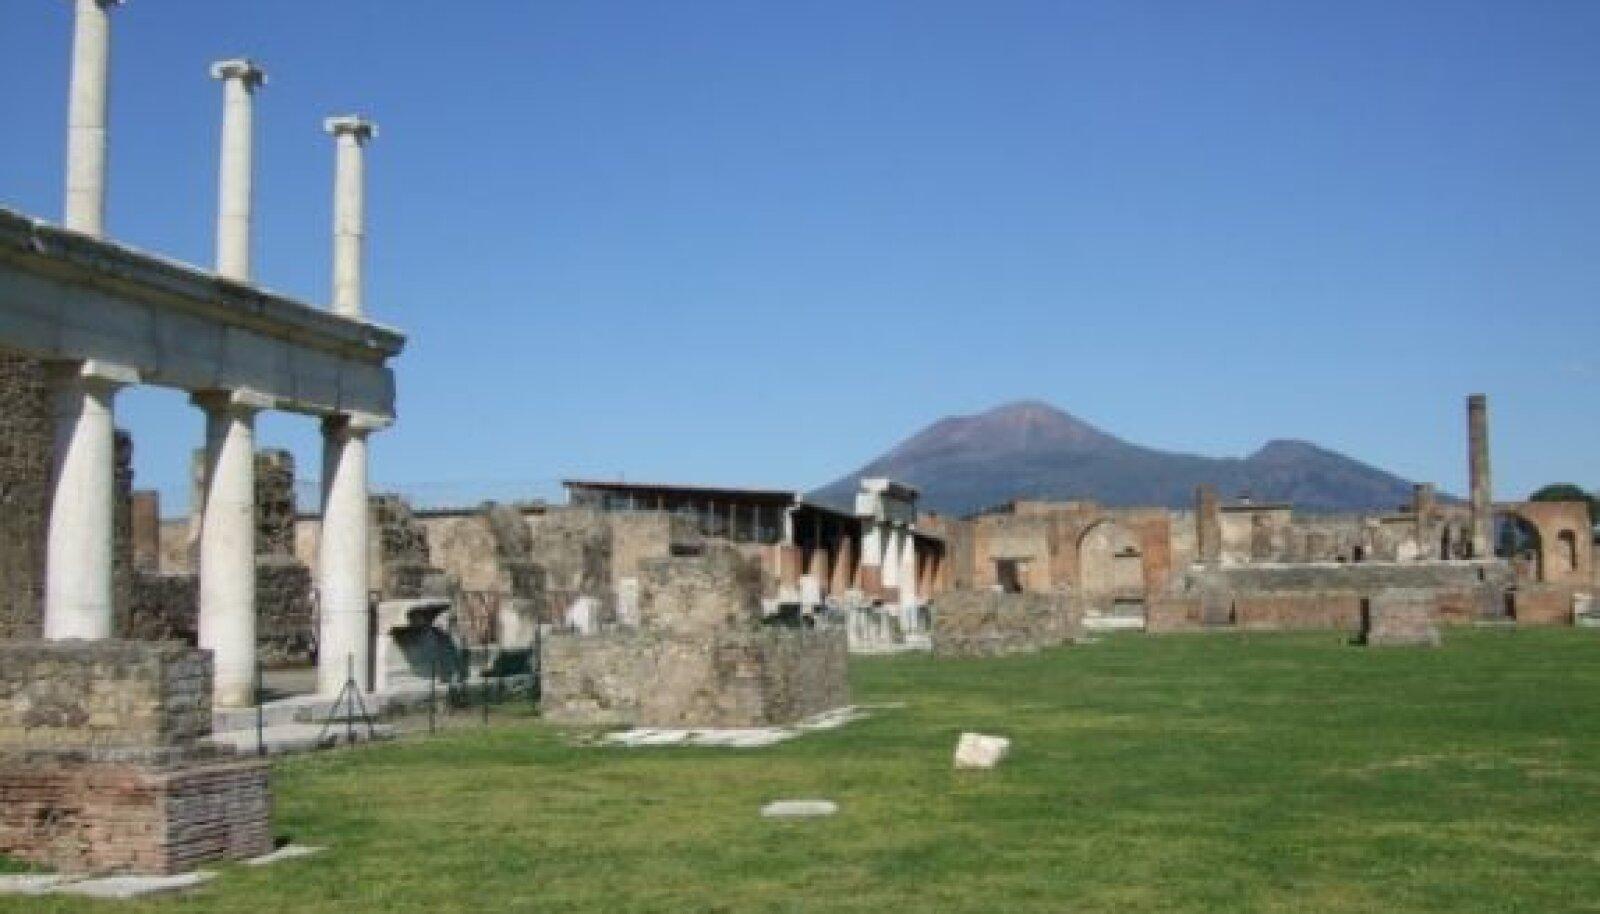 Aastal 79 m.a.j mattus Pompeji linn Vesuuvi (fotol tagaplaanil)  vulkaanilise tuha alla, kui vulkaan purskama hakkas. Tuhakiht oli  7–9 meetri paksune. Varemete väljakaevamist alustati XVIII sajandil. Foto: Toivo Tomingas